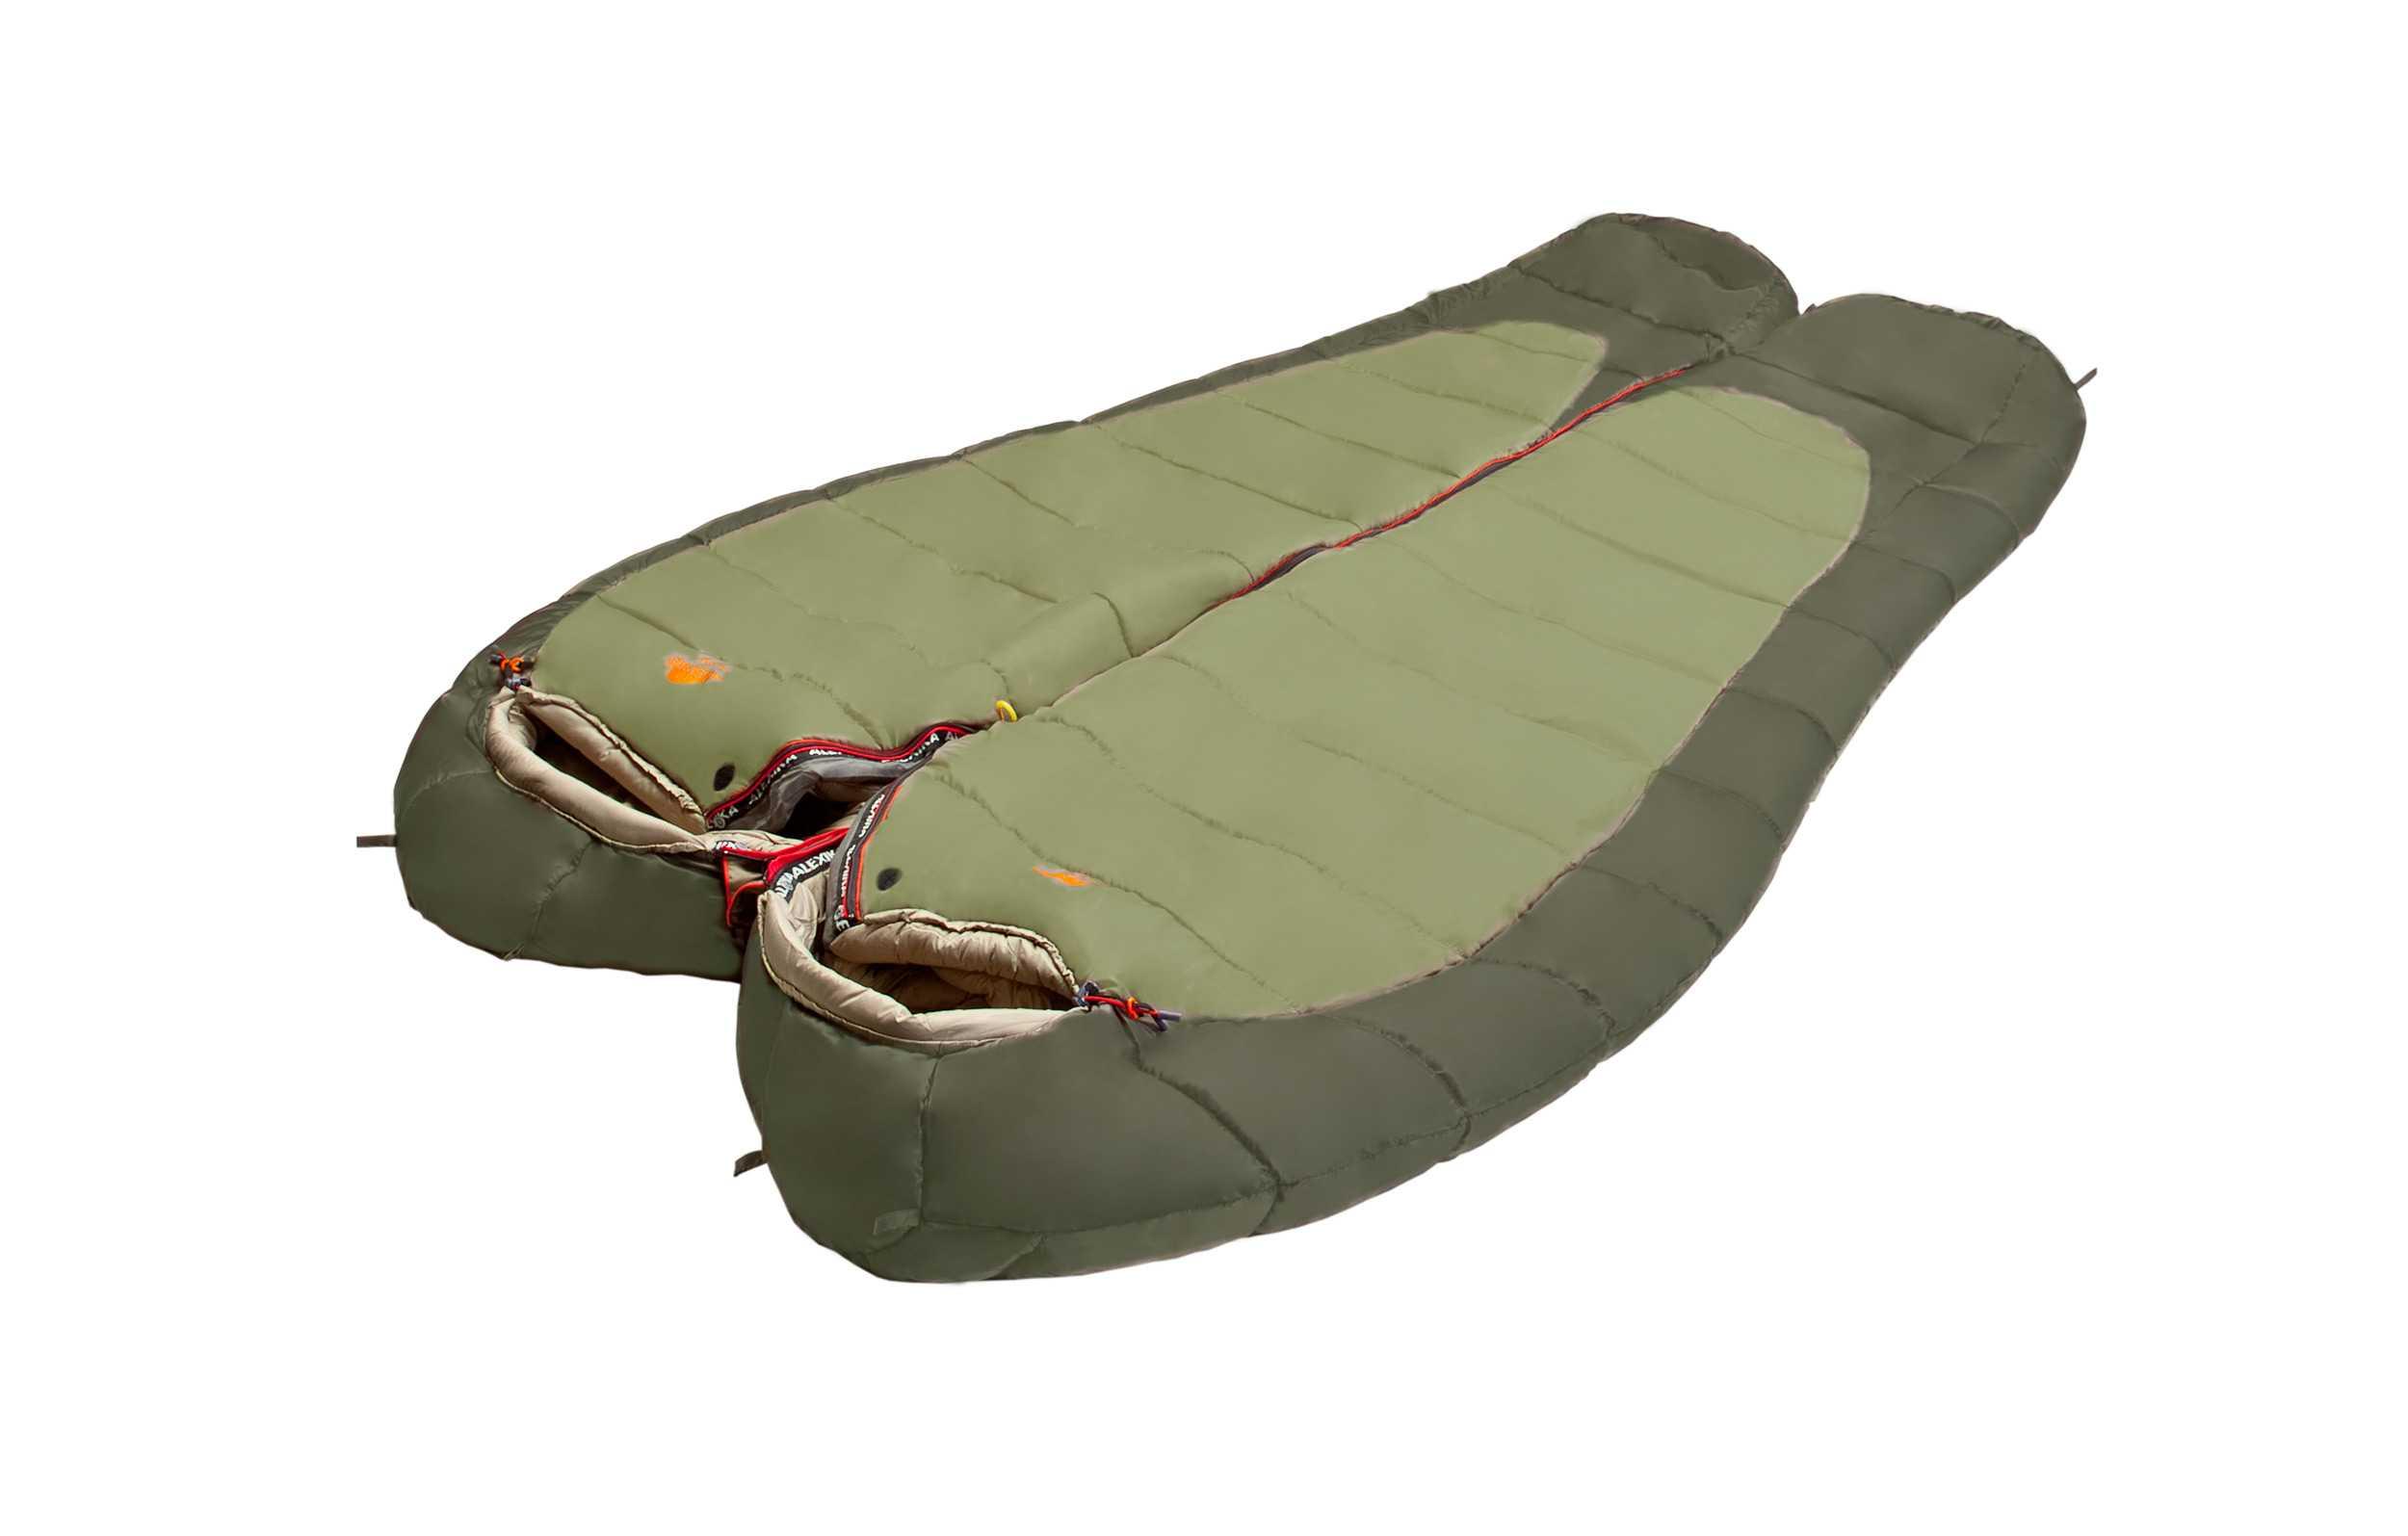 Как правильно выбрать спальный мешок для похода: выбираем лучшие как правильно выбрать спальный мешок для похода: выбираем лучшие